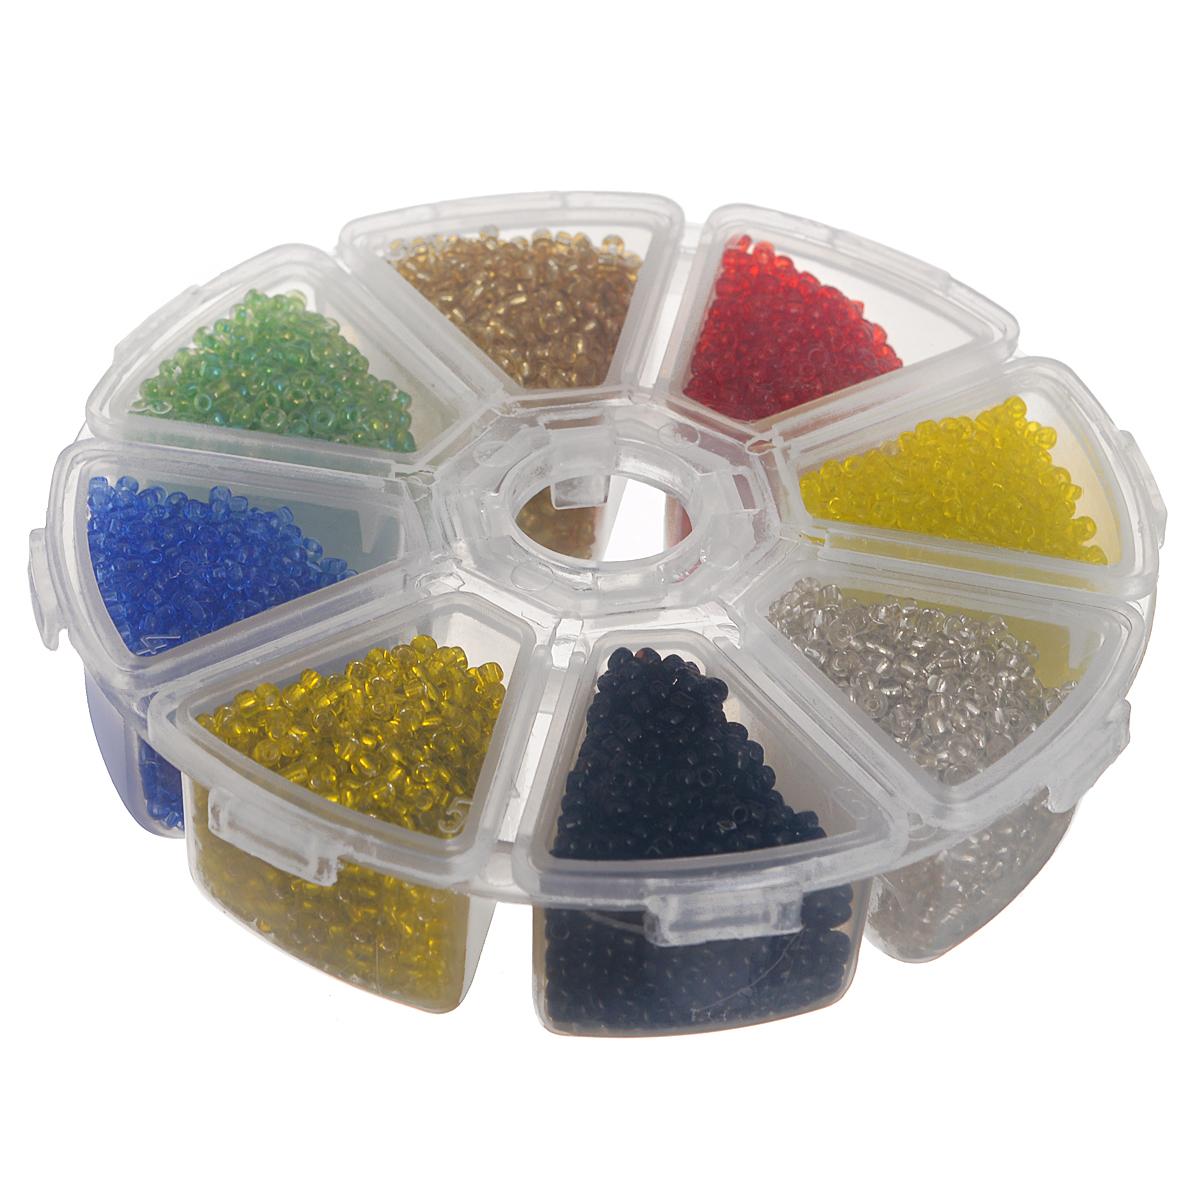 Набор бисера Астра Ассорти, 8 цветов х 16 г676995Набор бисера Астра Ассорти позволит вам своими руками создать оригинальные ожерелья, бусы или браслеты, а также заняться вышиванием. В бисероплетении часто используют бисер разных размеров и цветов. Он идеально подойдет для вышивания на предметах быта и женской одежде. Набор включает в себя бисер разных цветов: светло-зеленого, красного, золотистого, синего, серебристого, желтого, темно-желтого, черного. Предметы набора упакованы в пластиковую круглую коробочку с восьмью отсеками. Изготовление украшений - занимательное хобби и реализация творческих способностей рукодельницы, это возможность создания неповторимого индивидуального подарка. Рекомендуем!